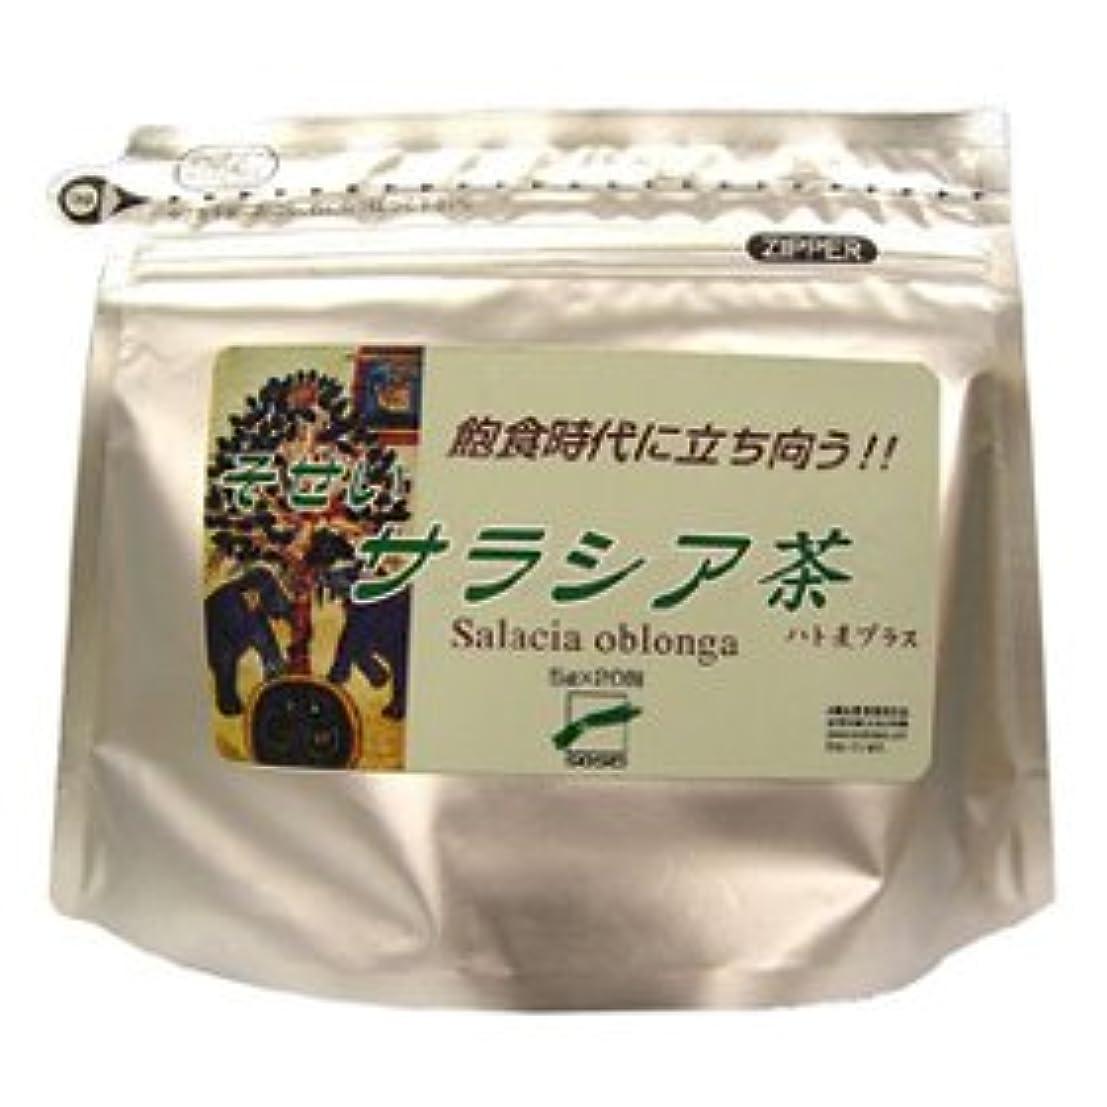 体系的に反逆応援するそせい サラシア茶 1袋